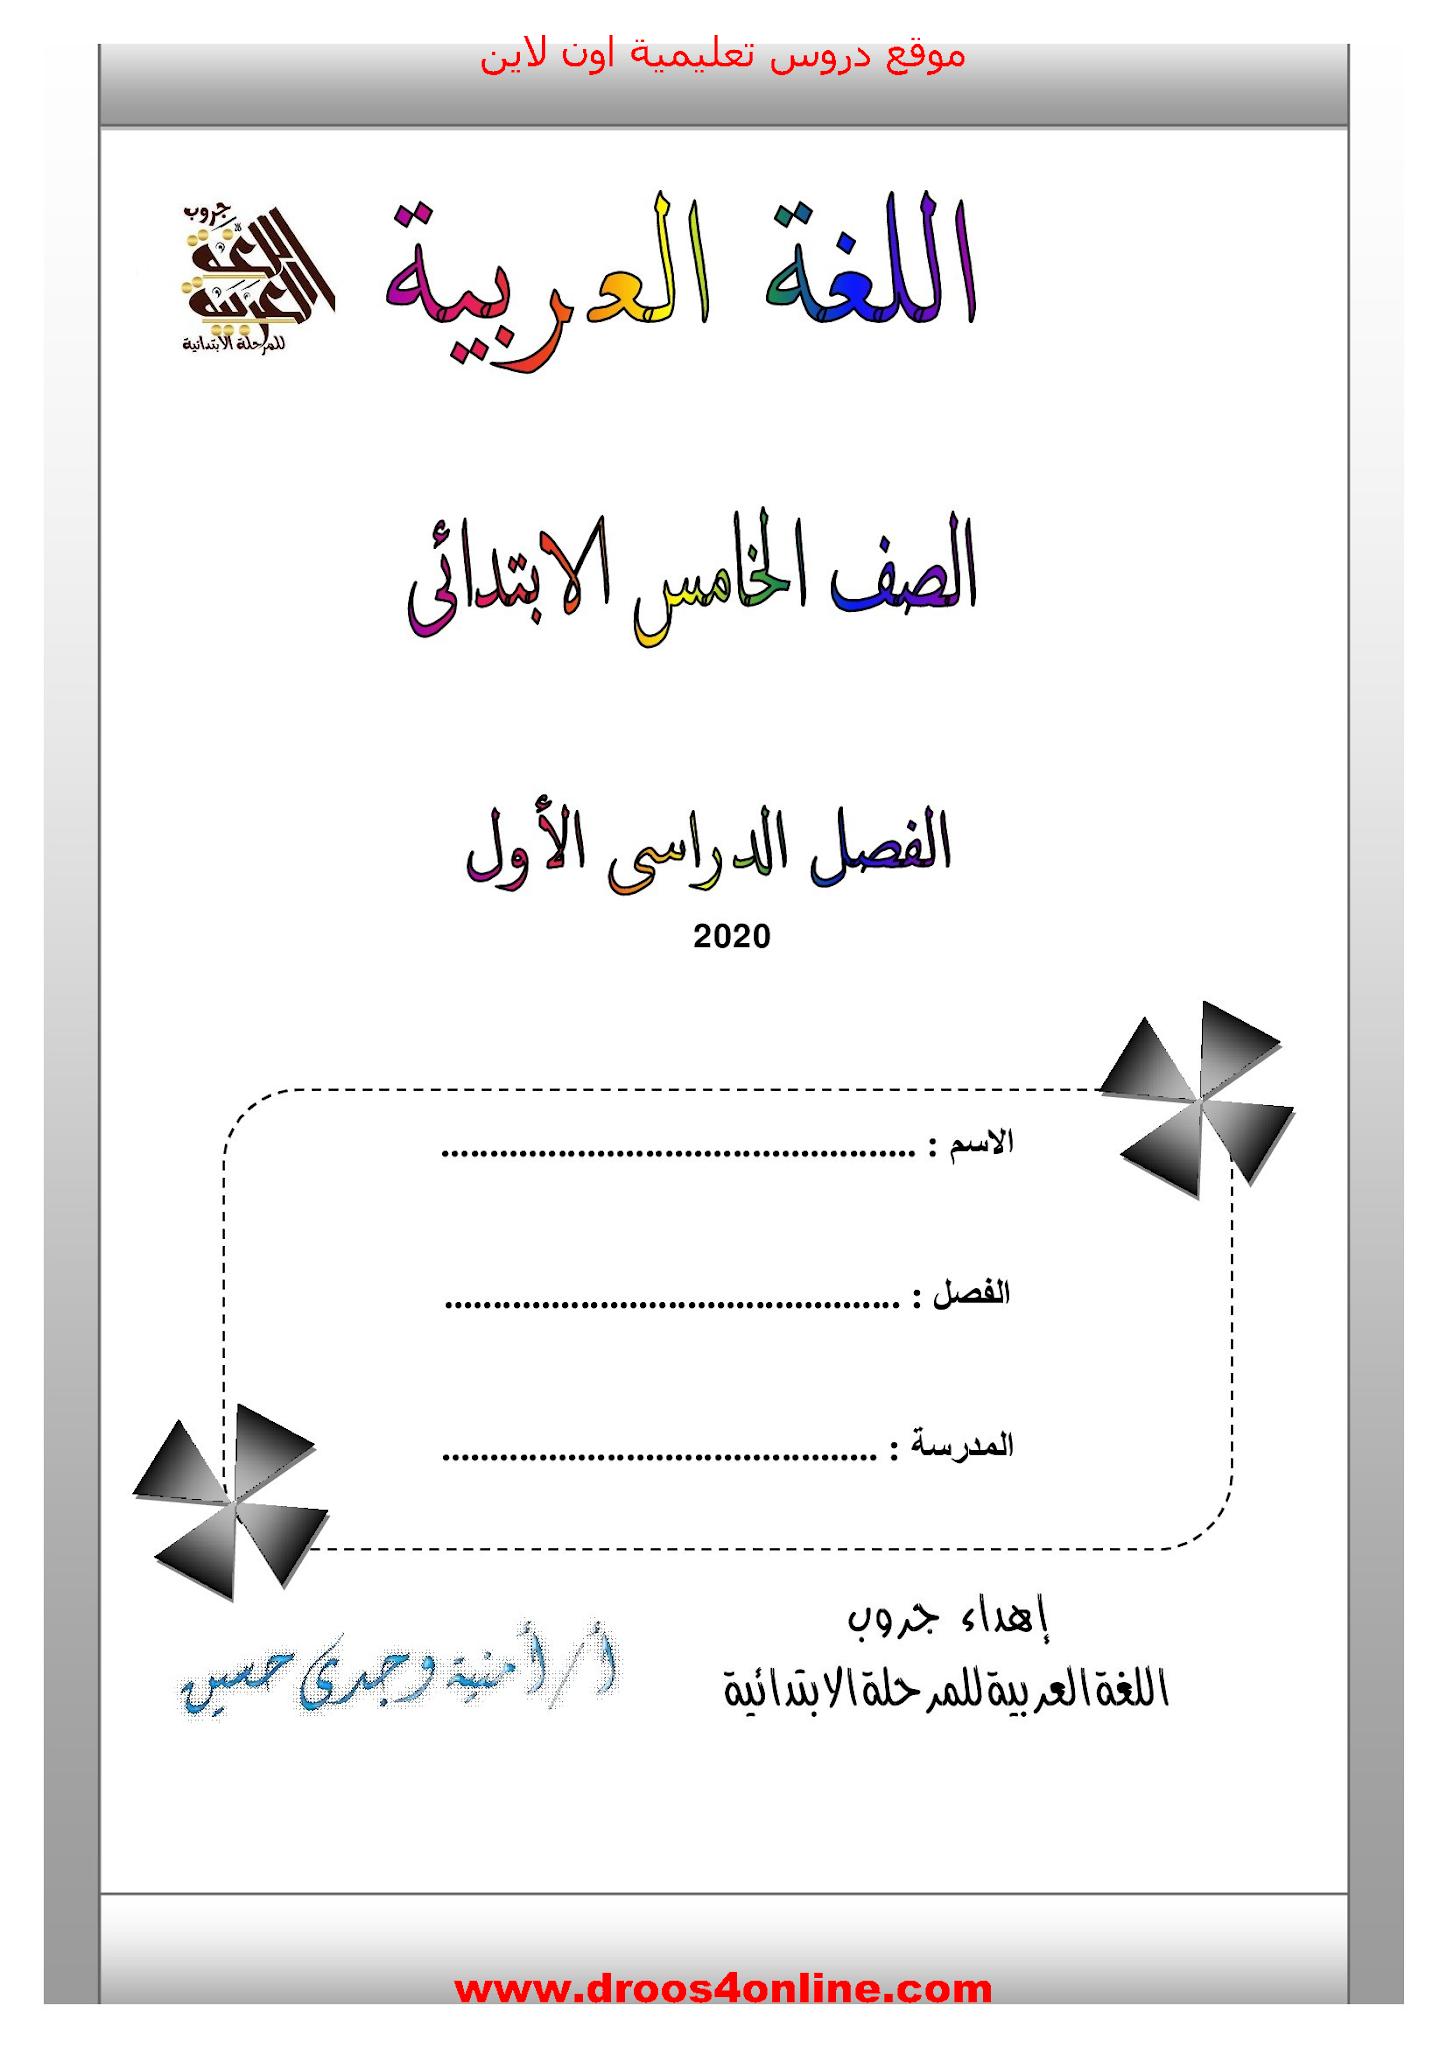 افضل مذكرة شرح لغة عربية (خرائط ذهنية) للصف الخامس الإبتدائى الترم الأول 2022 الاستاذه امنية وجدى